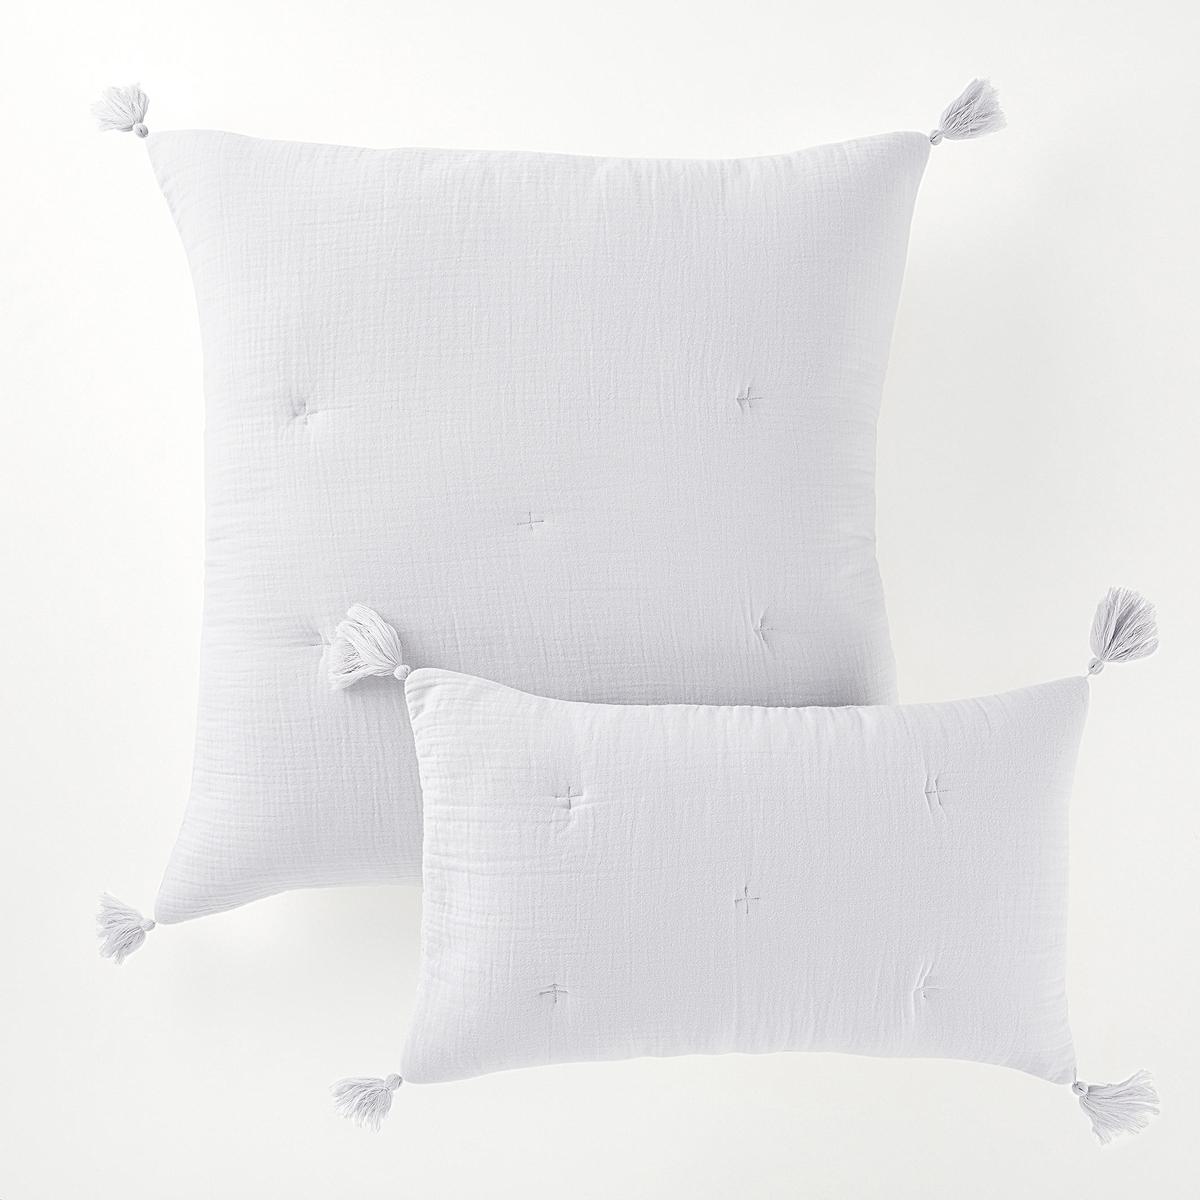 Наволочка на подушку-валик или подушку, Kumla